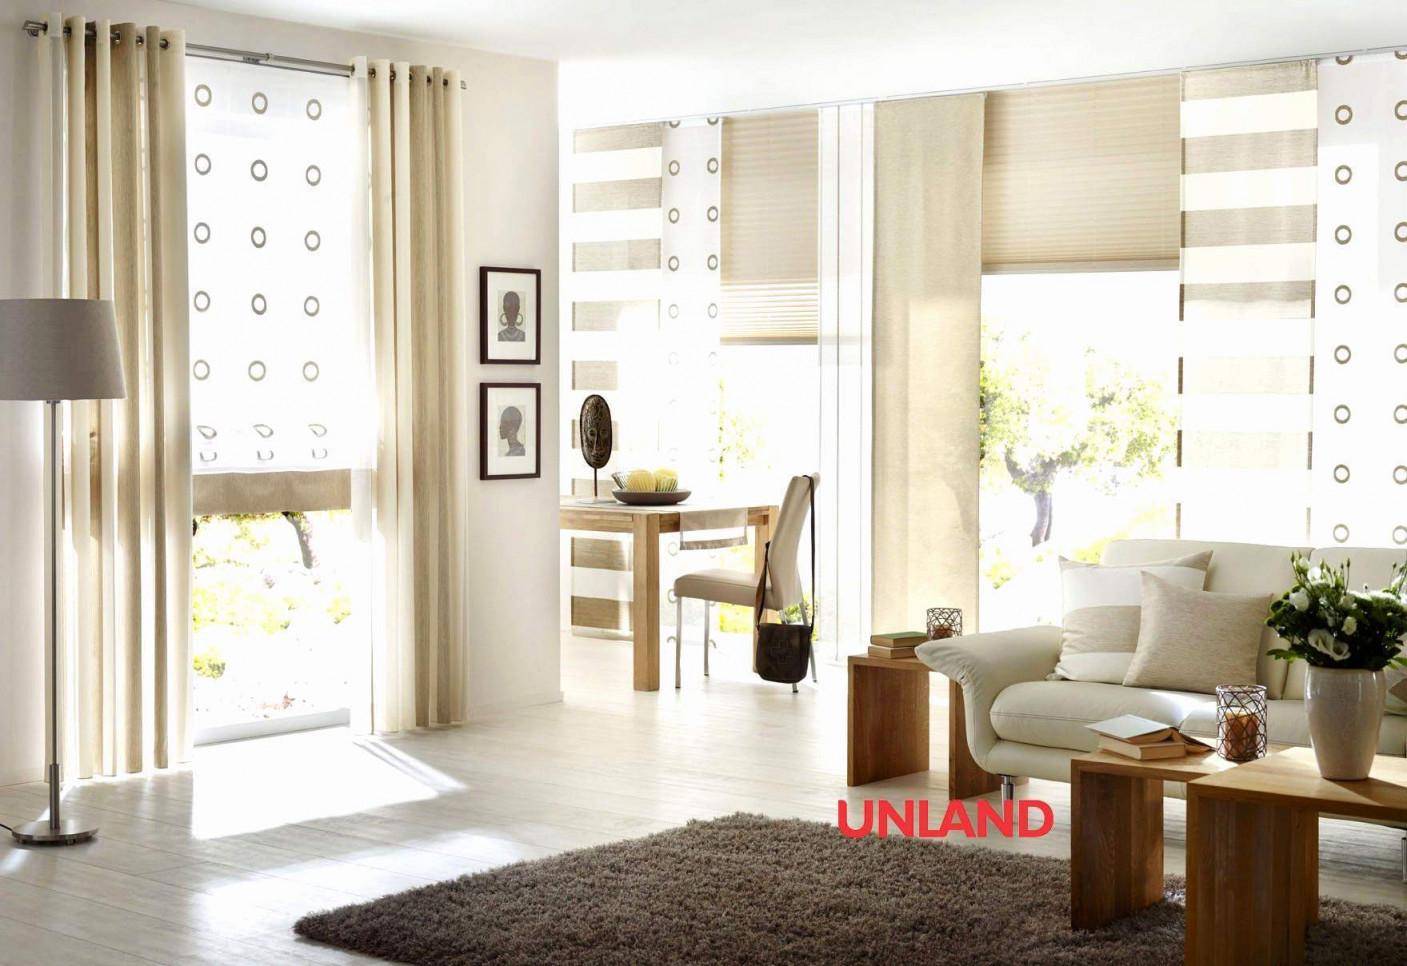 Gardinen Set Wohnzimmer Inspirierend 40 Elegant Wohnzimmer von Gardinen Set Wohnzimmer Photo